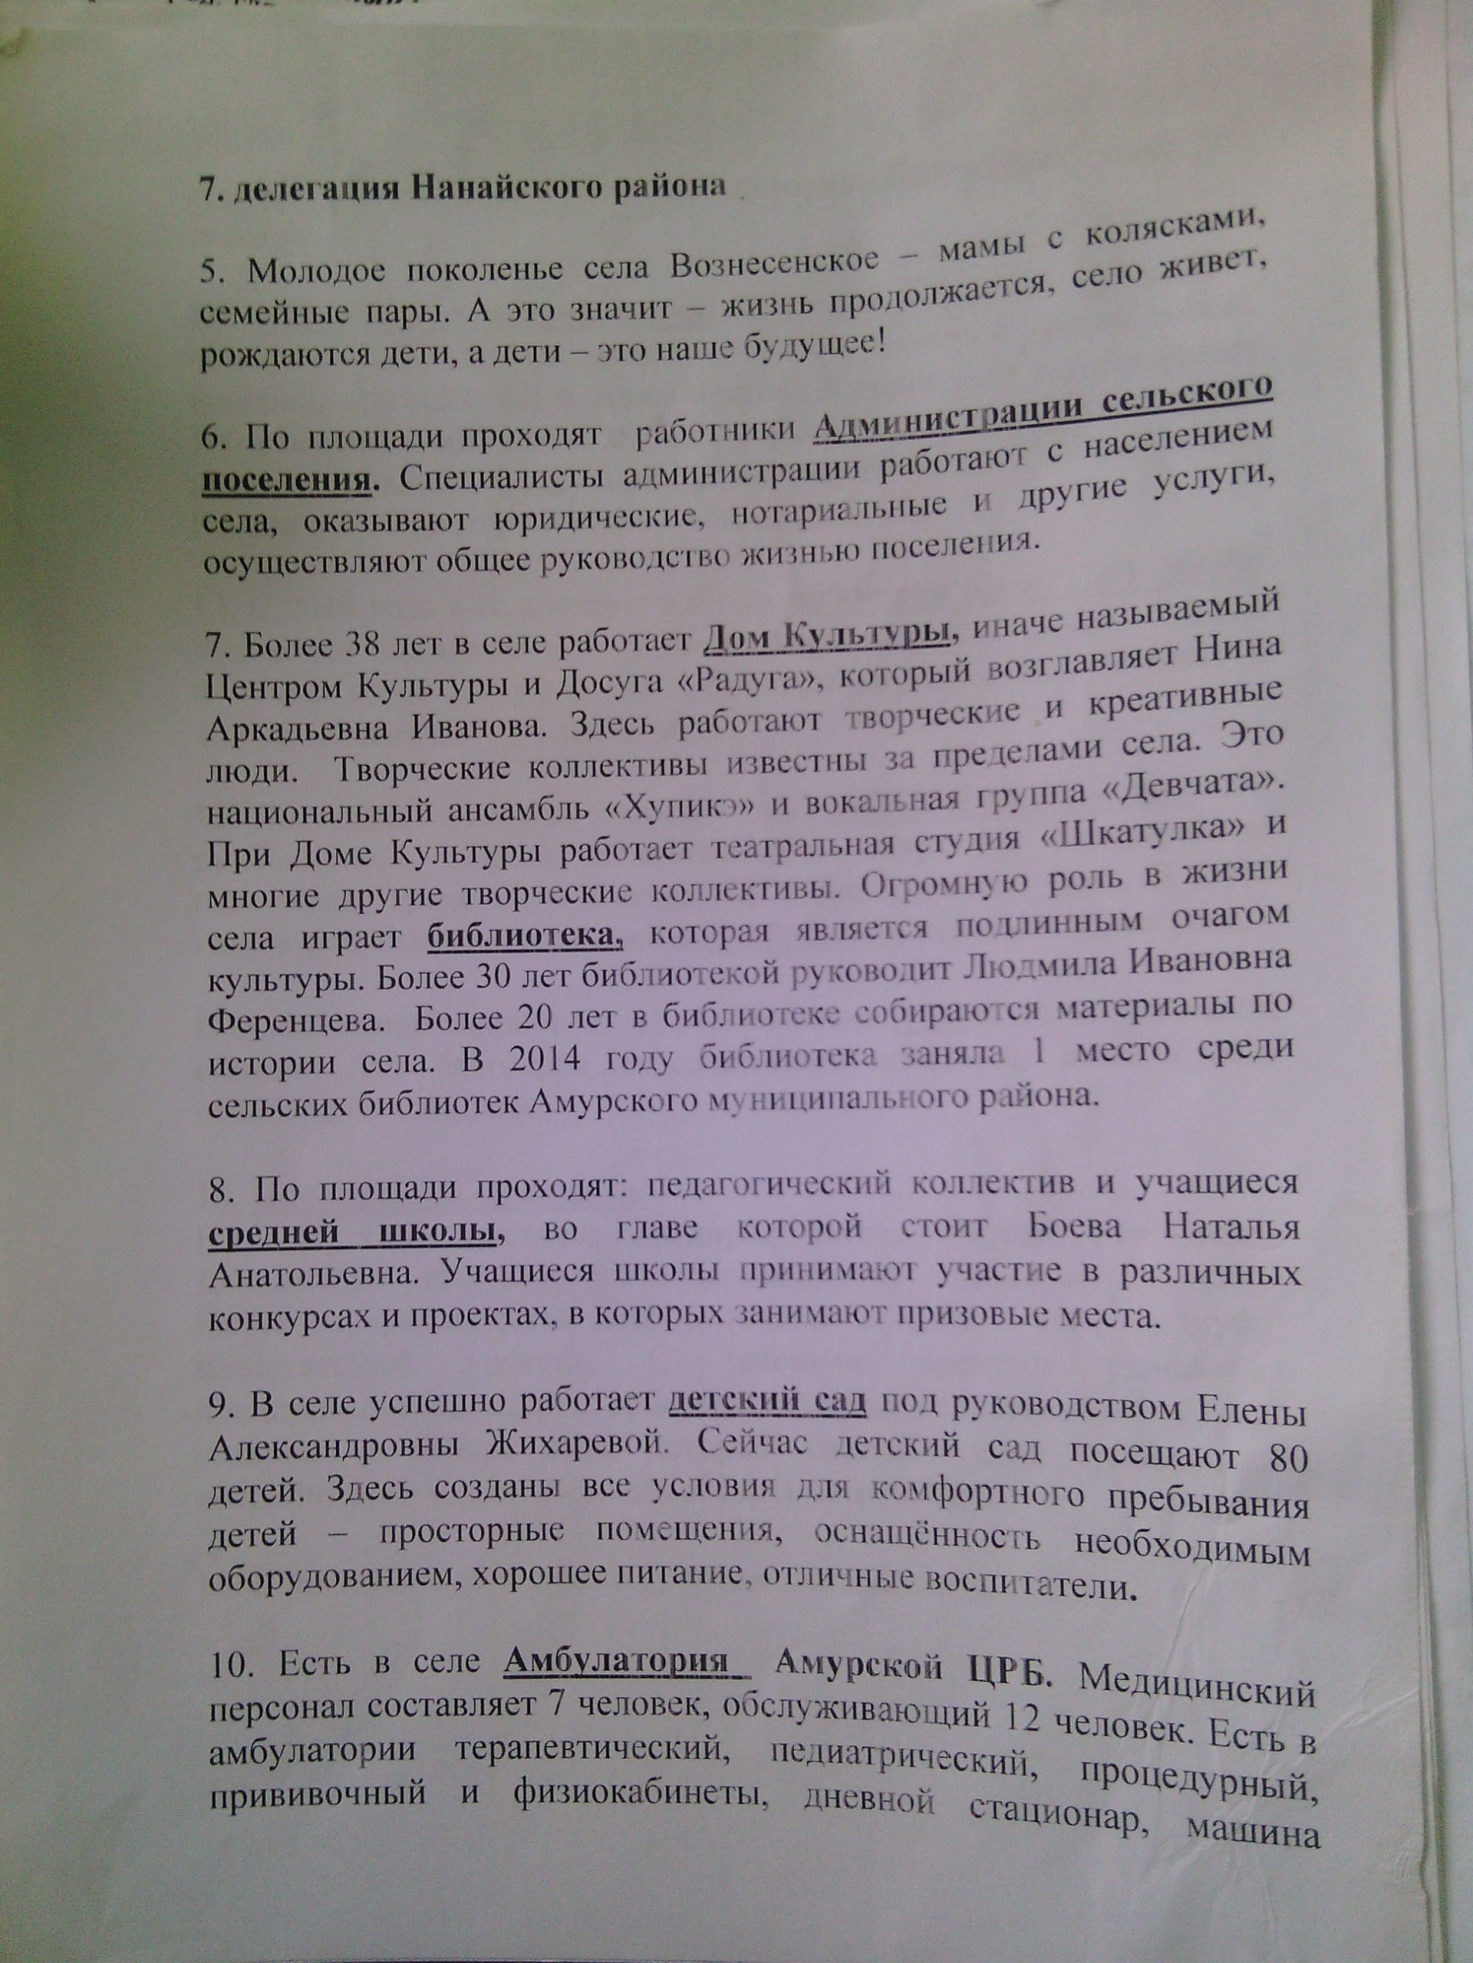 H:\Татьяне Сергеевне , все что у меня есть , остальное у Тани Г\IMG_20141004_140145.jpg